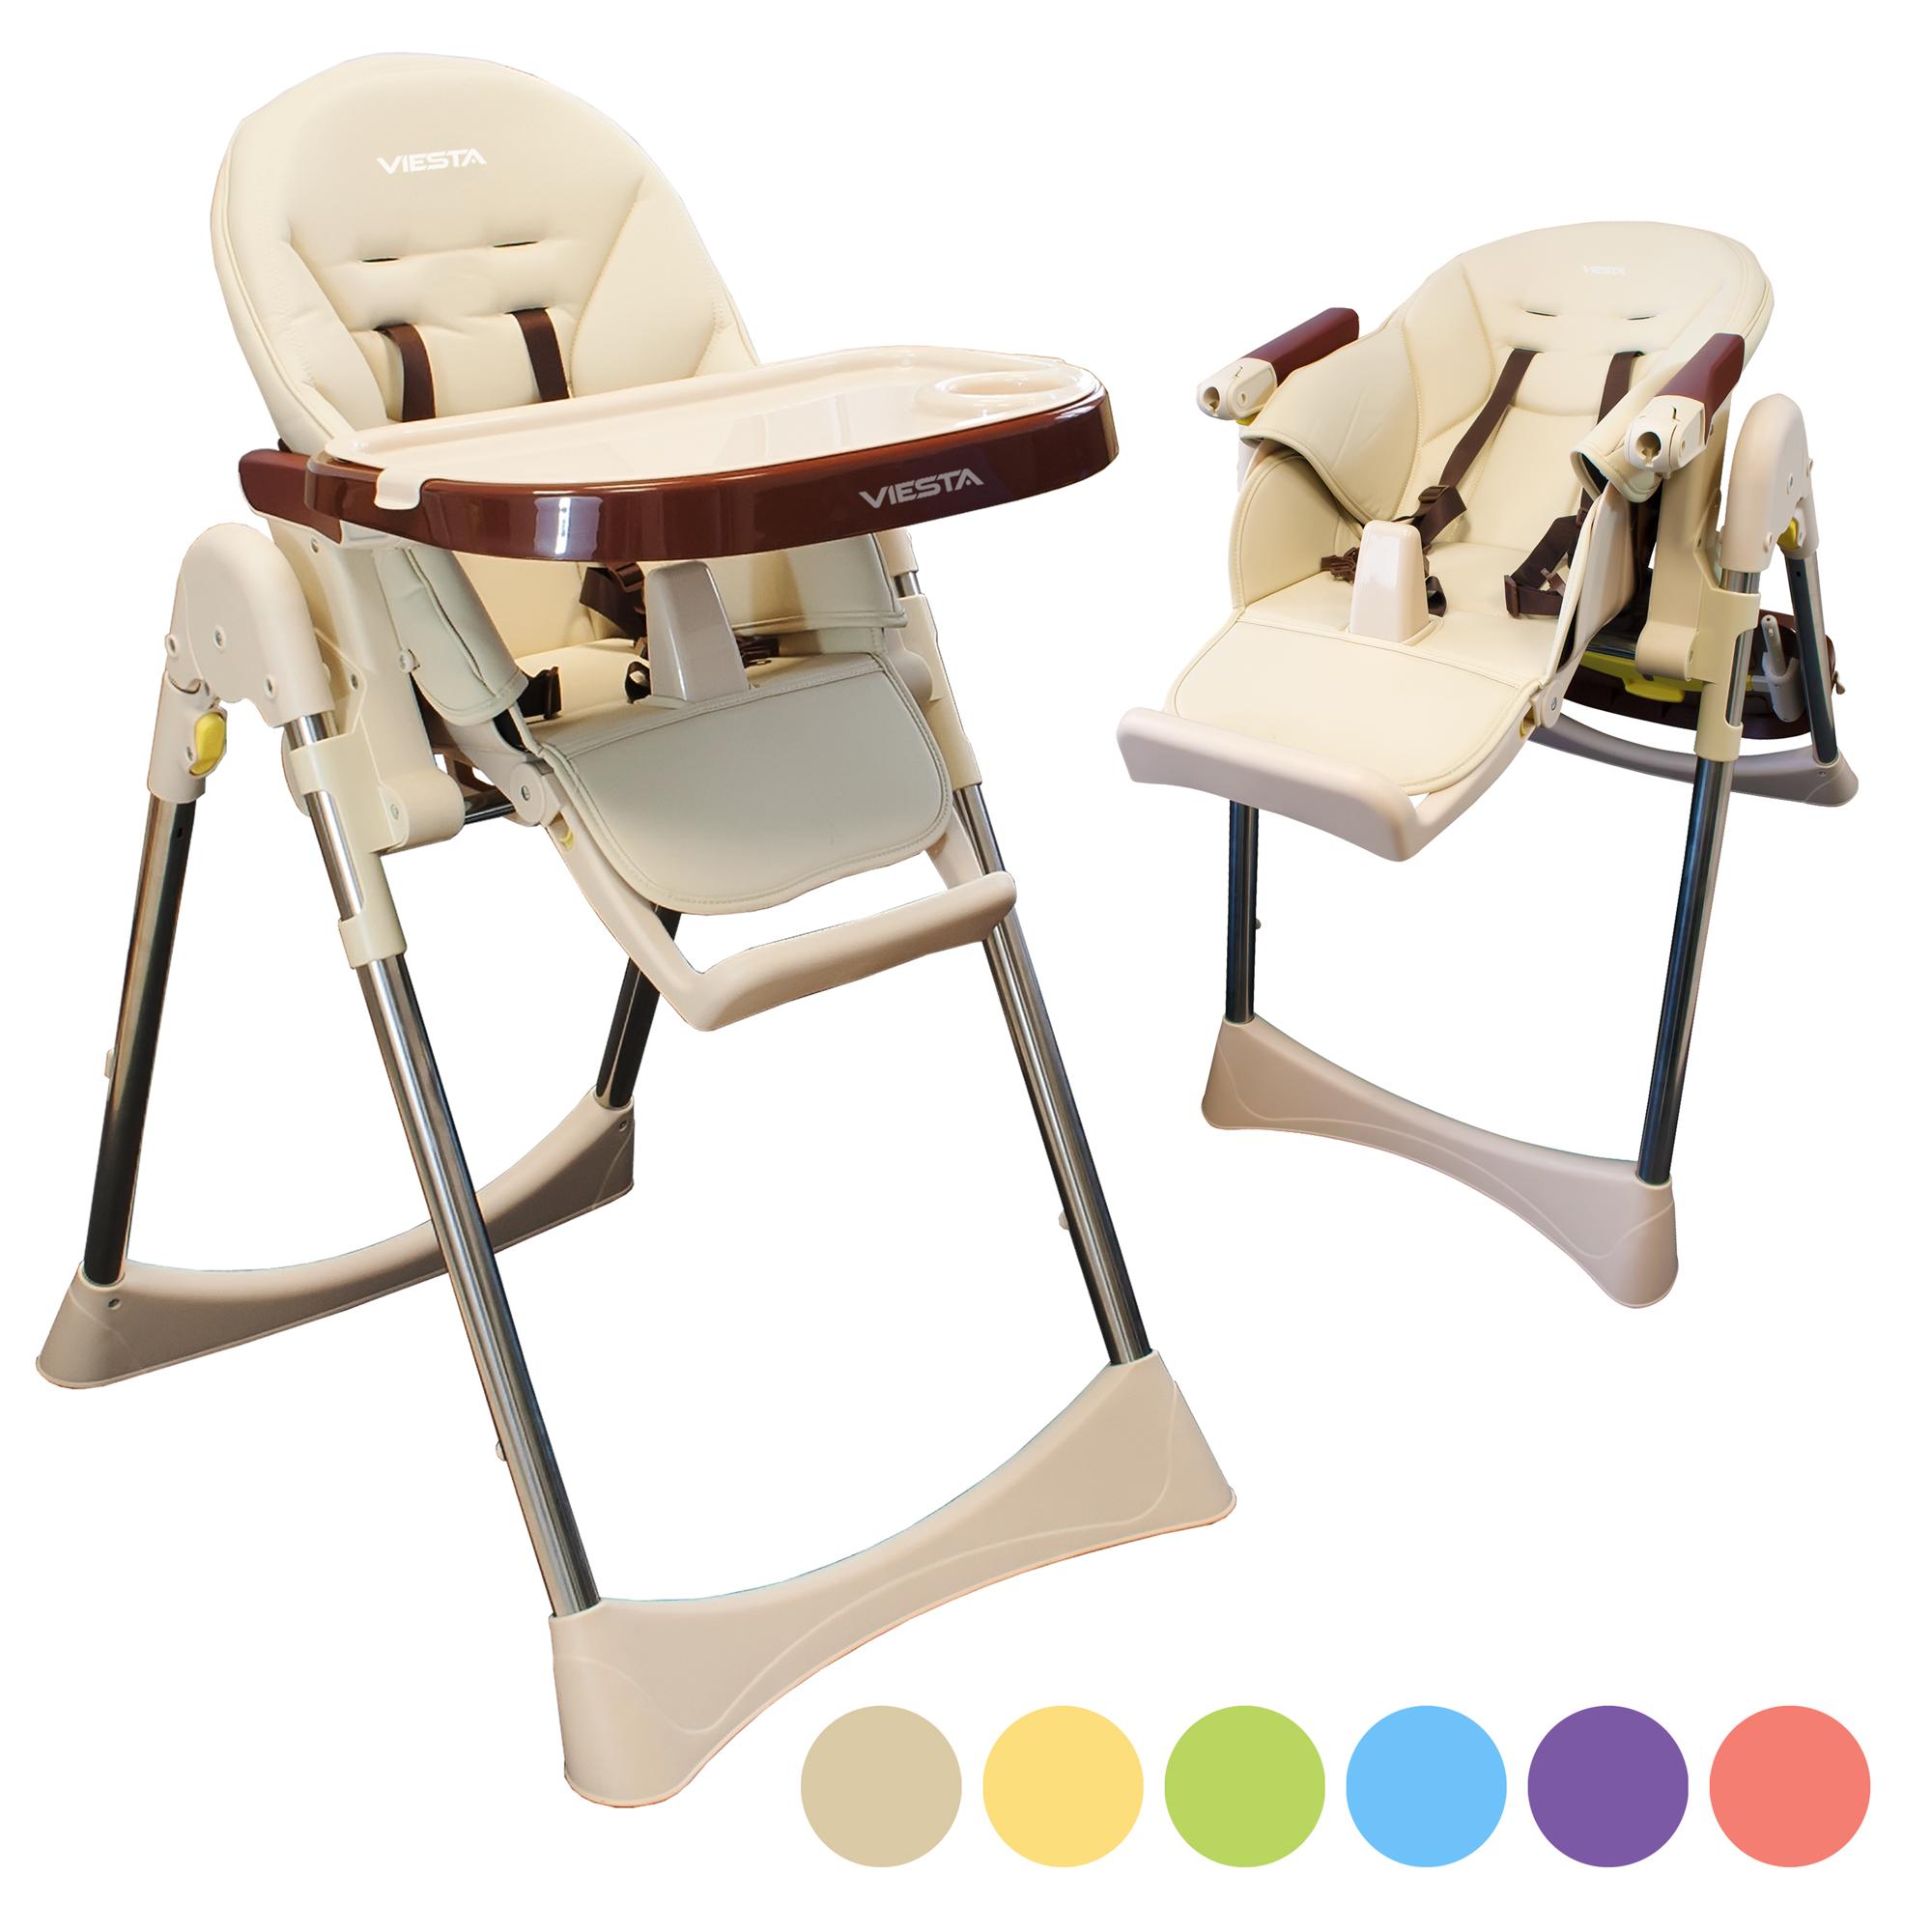 g nial chaise pour table a manger l 39 id e d 39 un tapis de bain. Black Bedroom Furniture Sets. Home Design Ideas